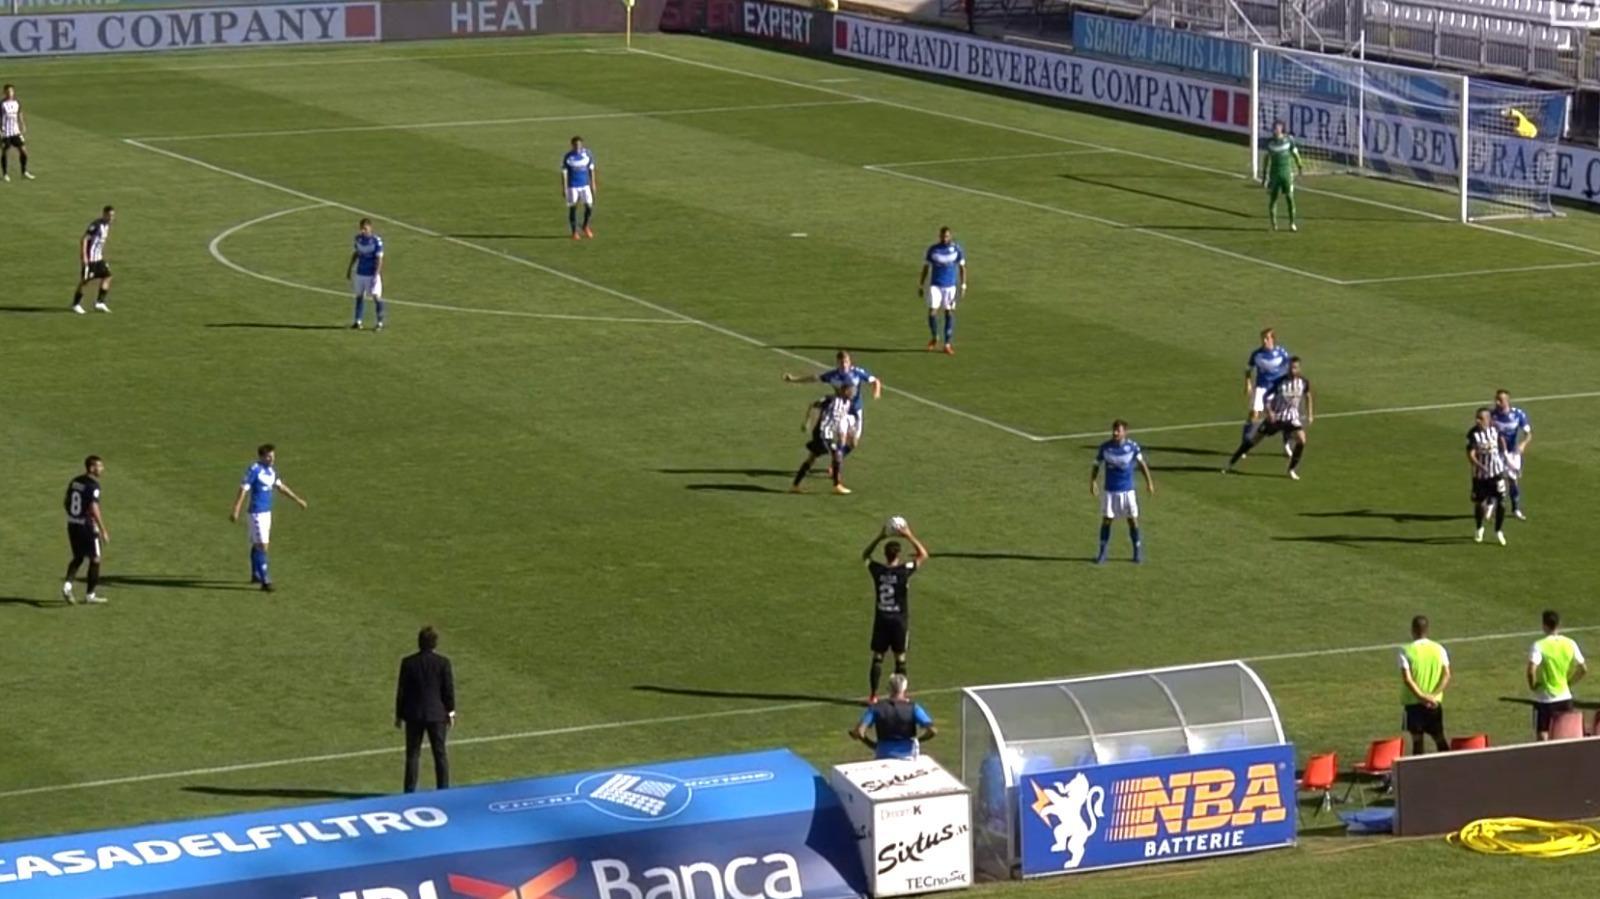 Brescia-Ascoli 1-1, primo punto per il Picchio. Donnarumma replica a Cavion, rosso a Papetti ad inizio ripresa